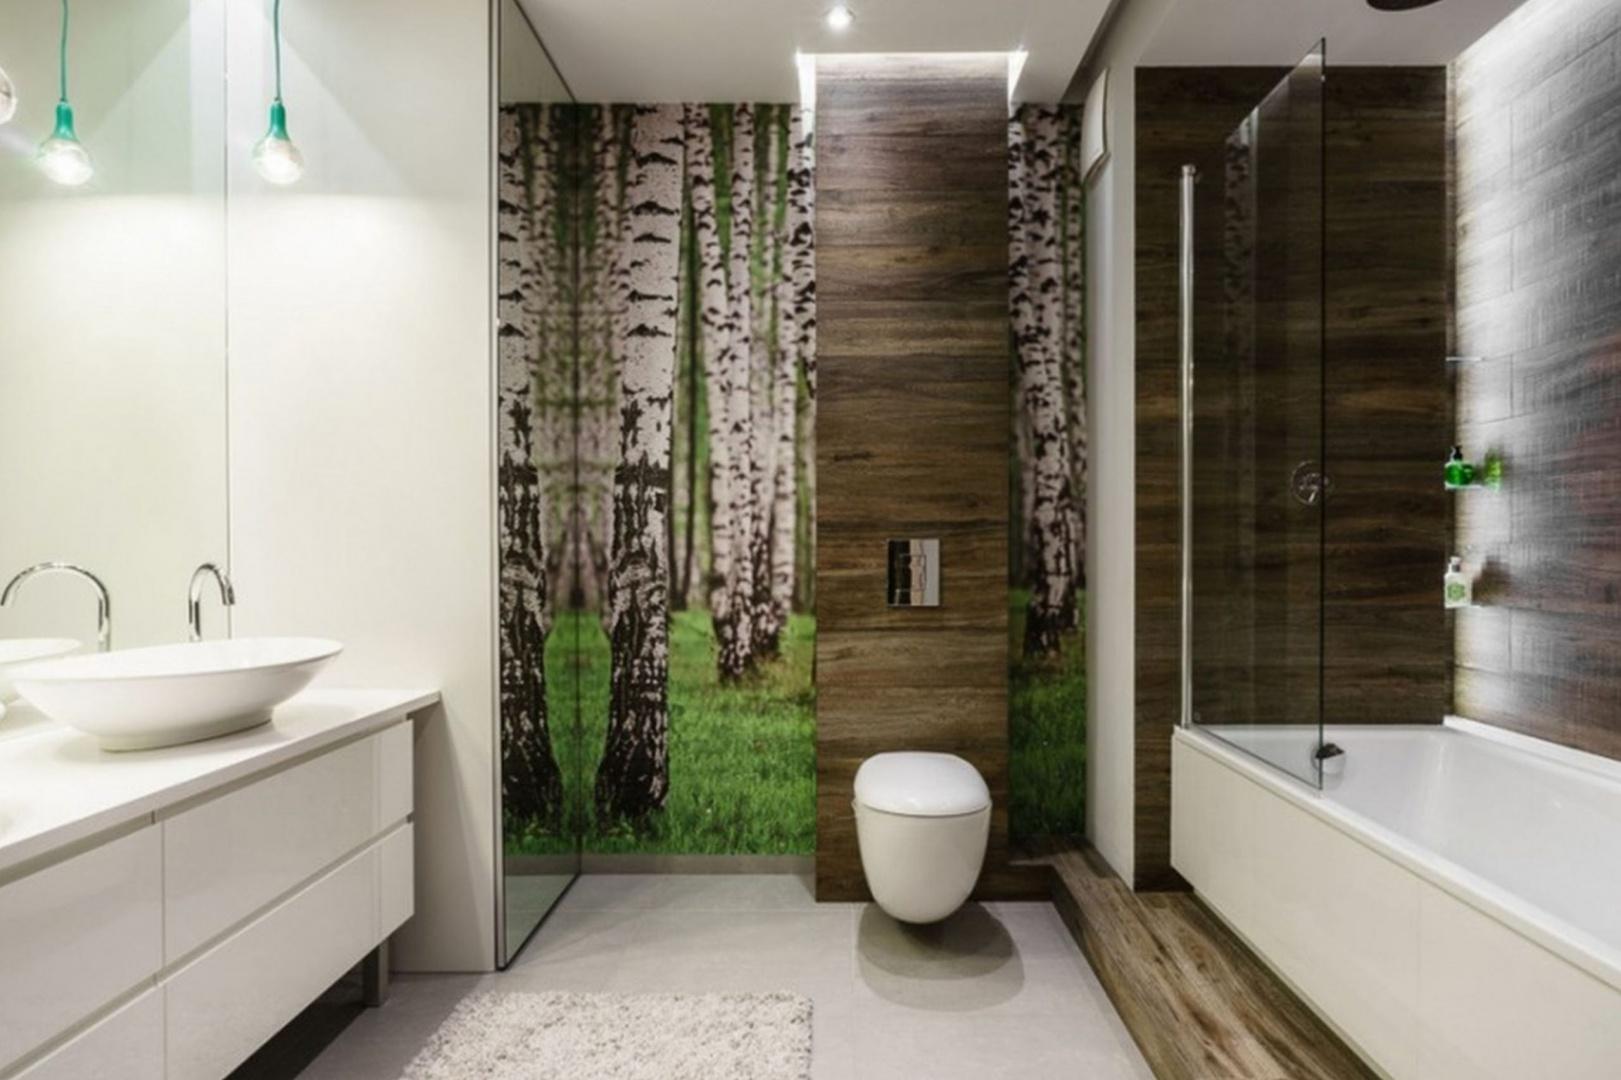 Zielona trawa, wysokie brzozy - motyw natury na ścianie to dobra dekoracja każdej łazienki. Projekt: Joanna Morkowska-Saj, Aleksandra Nowakowska. Fot. Foto&Mohito.